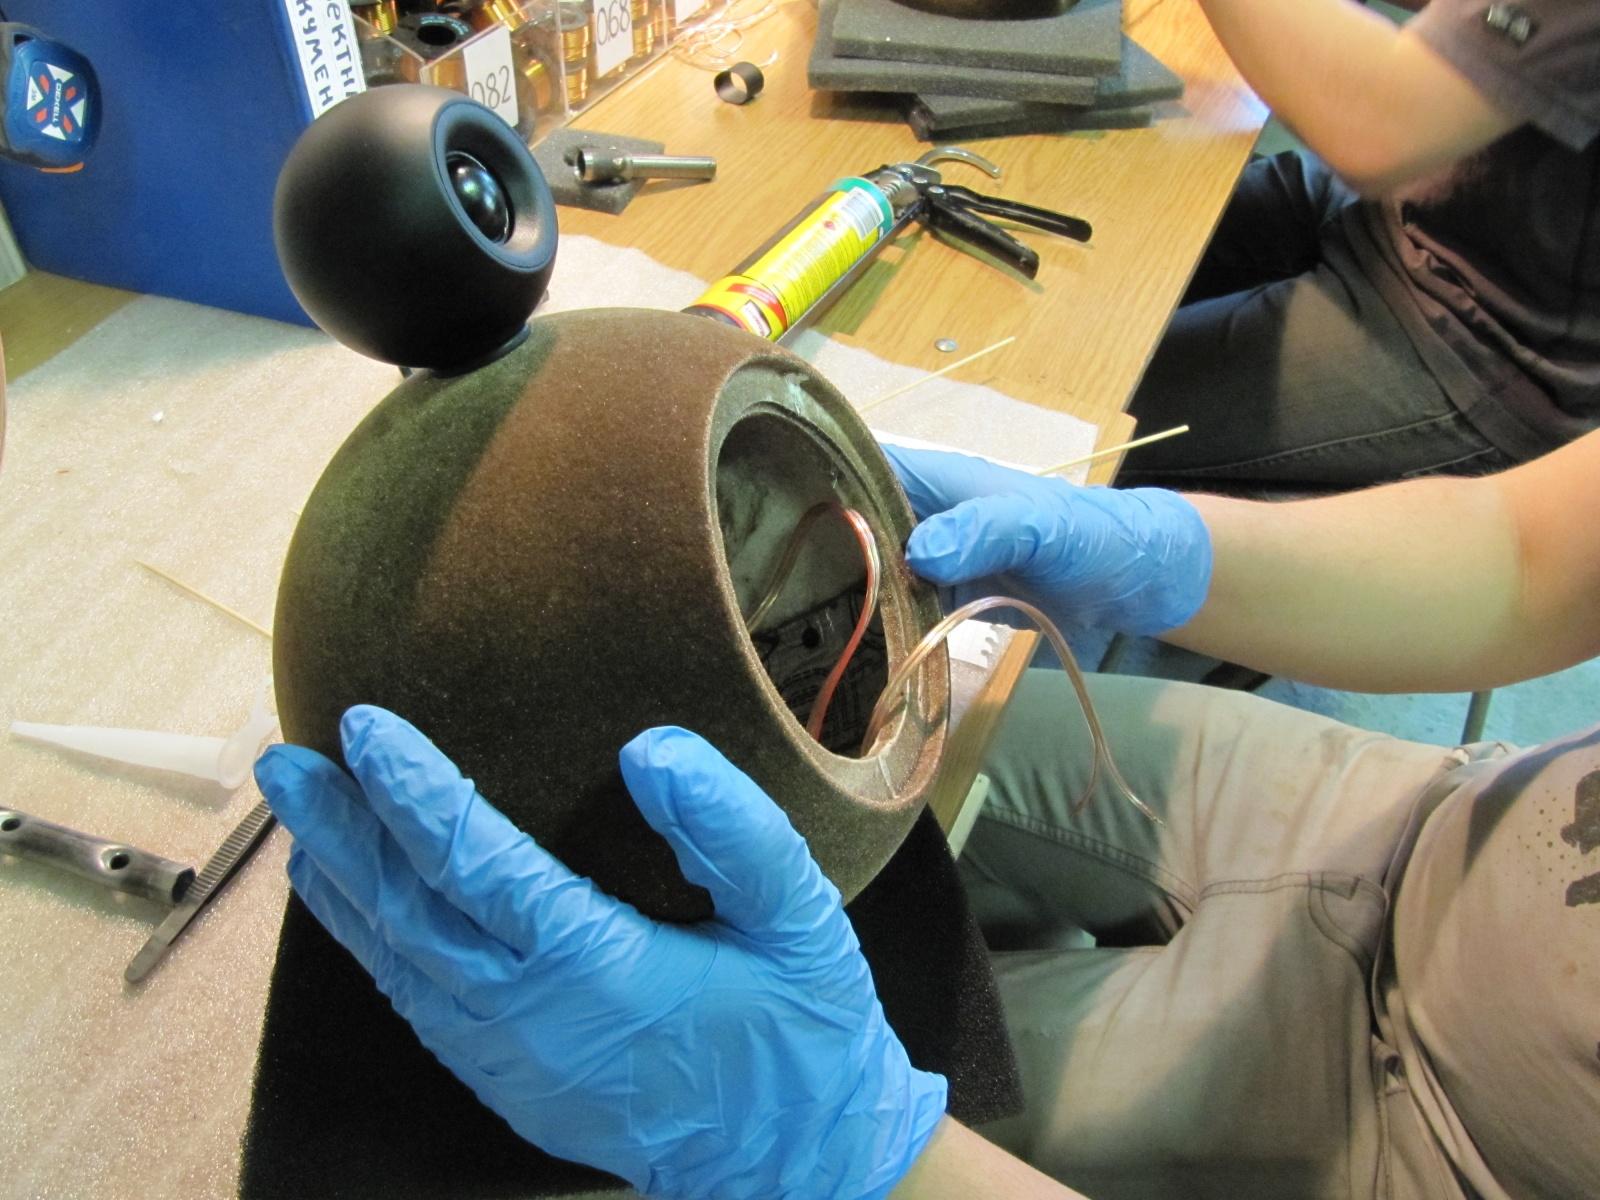 Сферическая акустика вне вакуума: преимущества, субъективная оценка, производство - 11